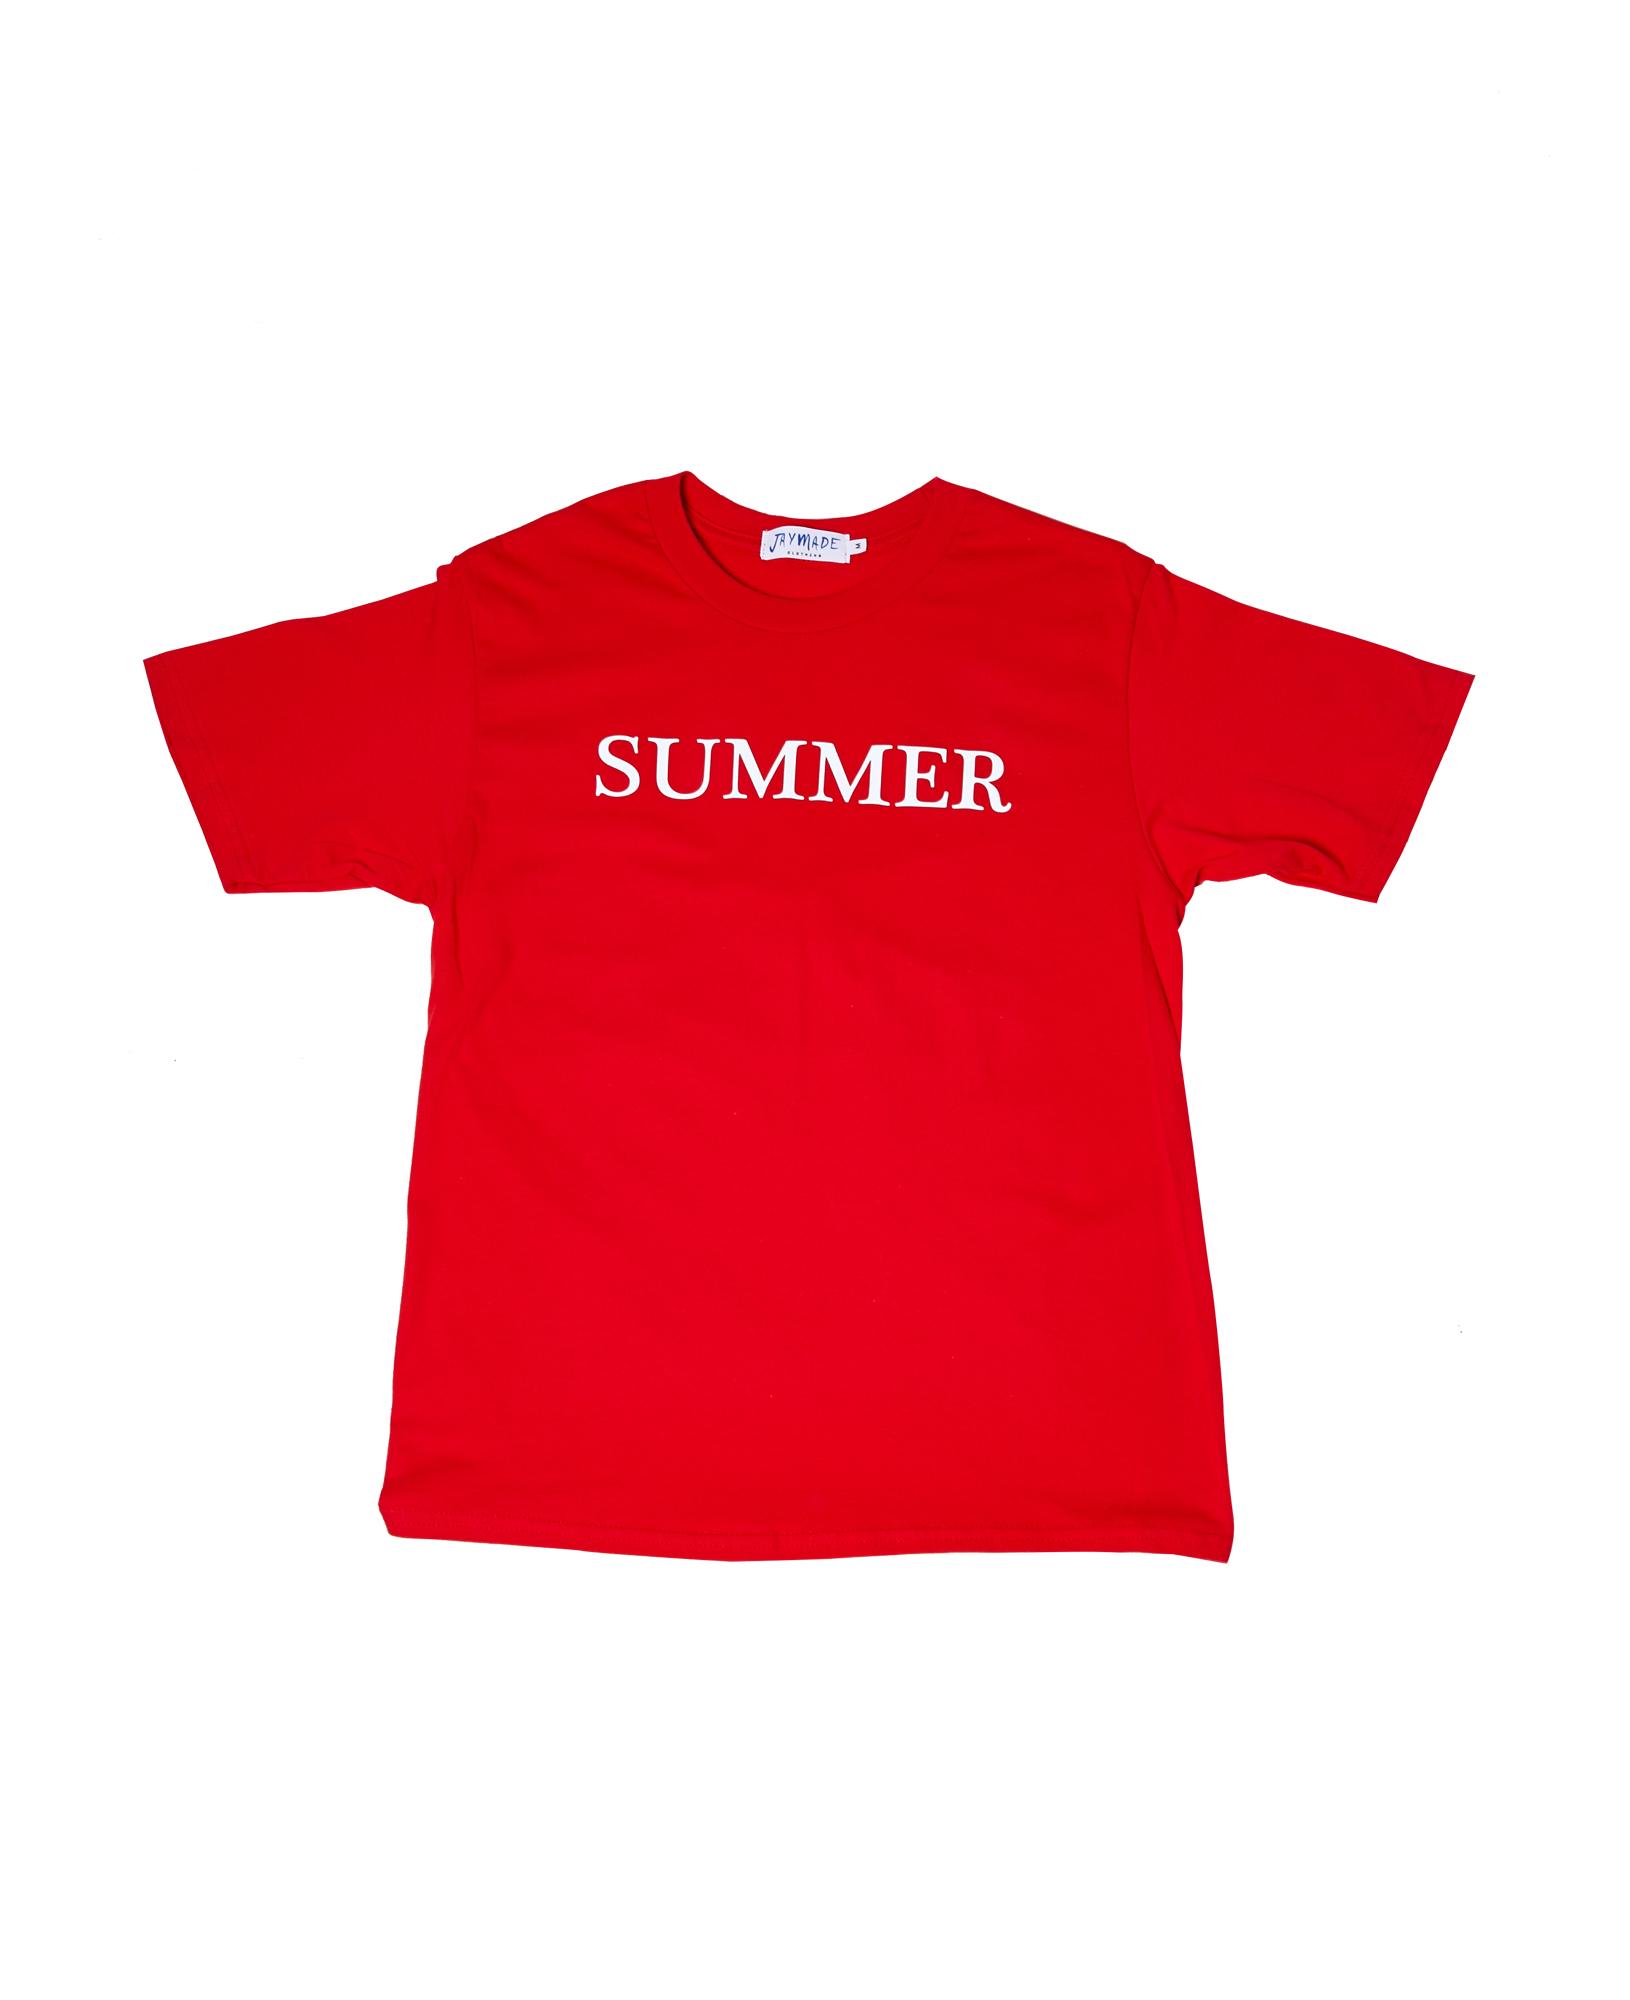 JAYMADE,ผูุ้ชาย,Men,เสื้อผู้ชาย,เสื้อยืด,เสื้อยืดผู้ชาย,เสื้อยืดแขนสั้น,เสื้อยืดคอกลม,cotton,คอตตอน,Summer